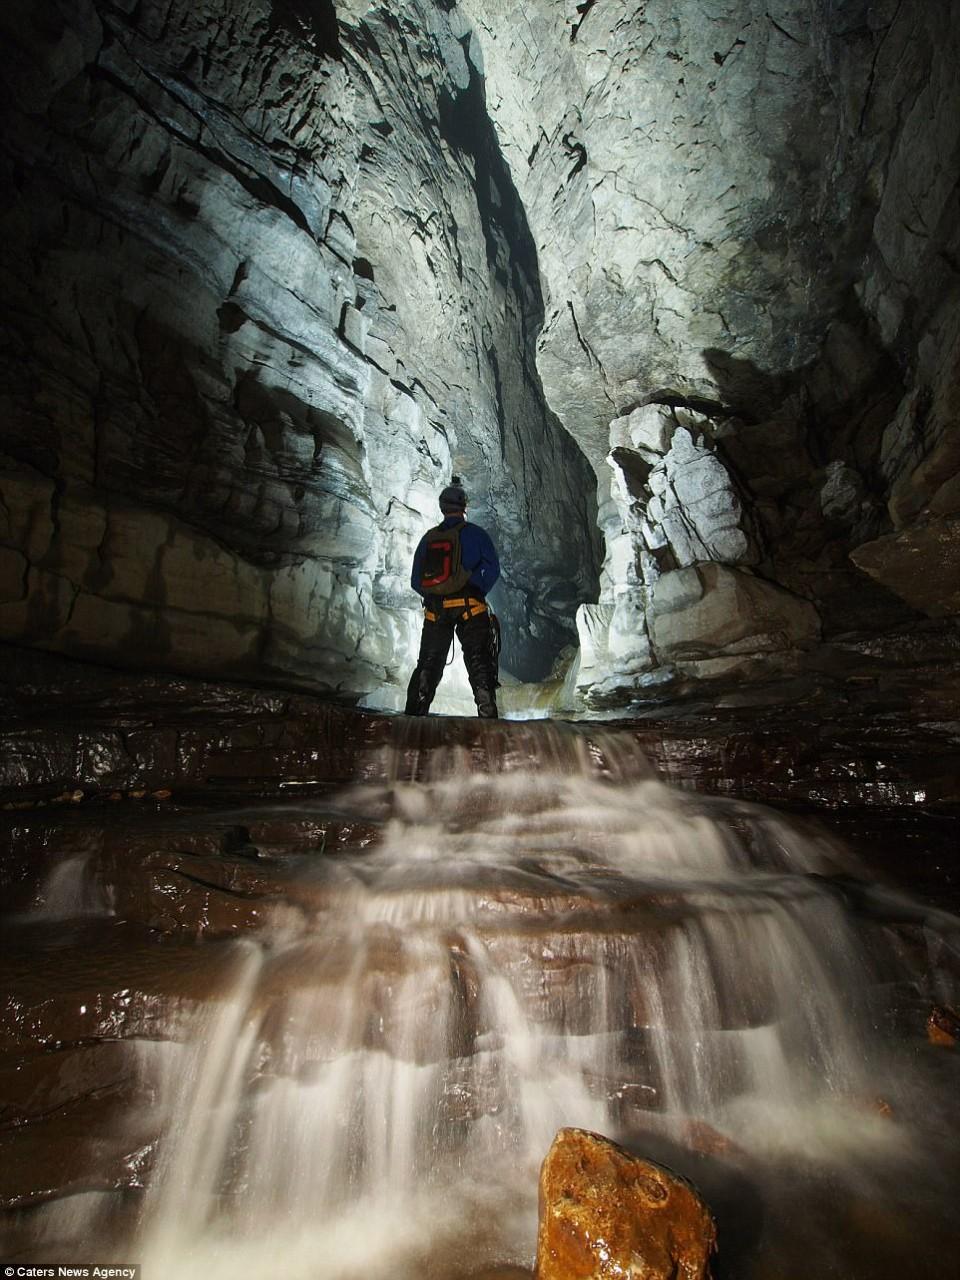 Пещера с квасцовым камнем и ручьем